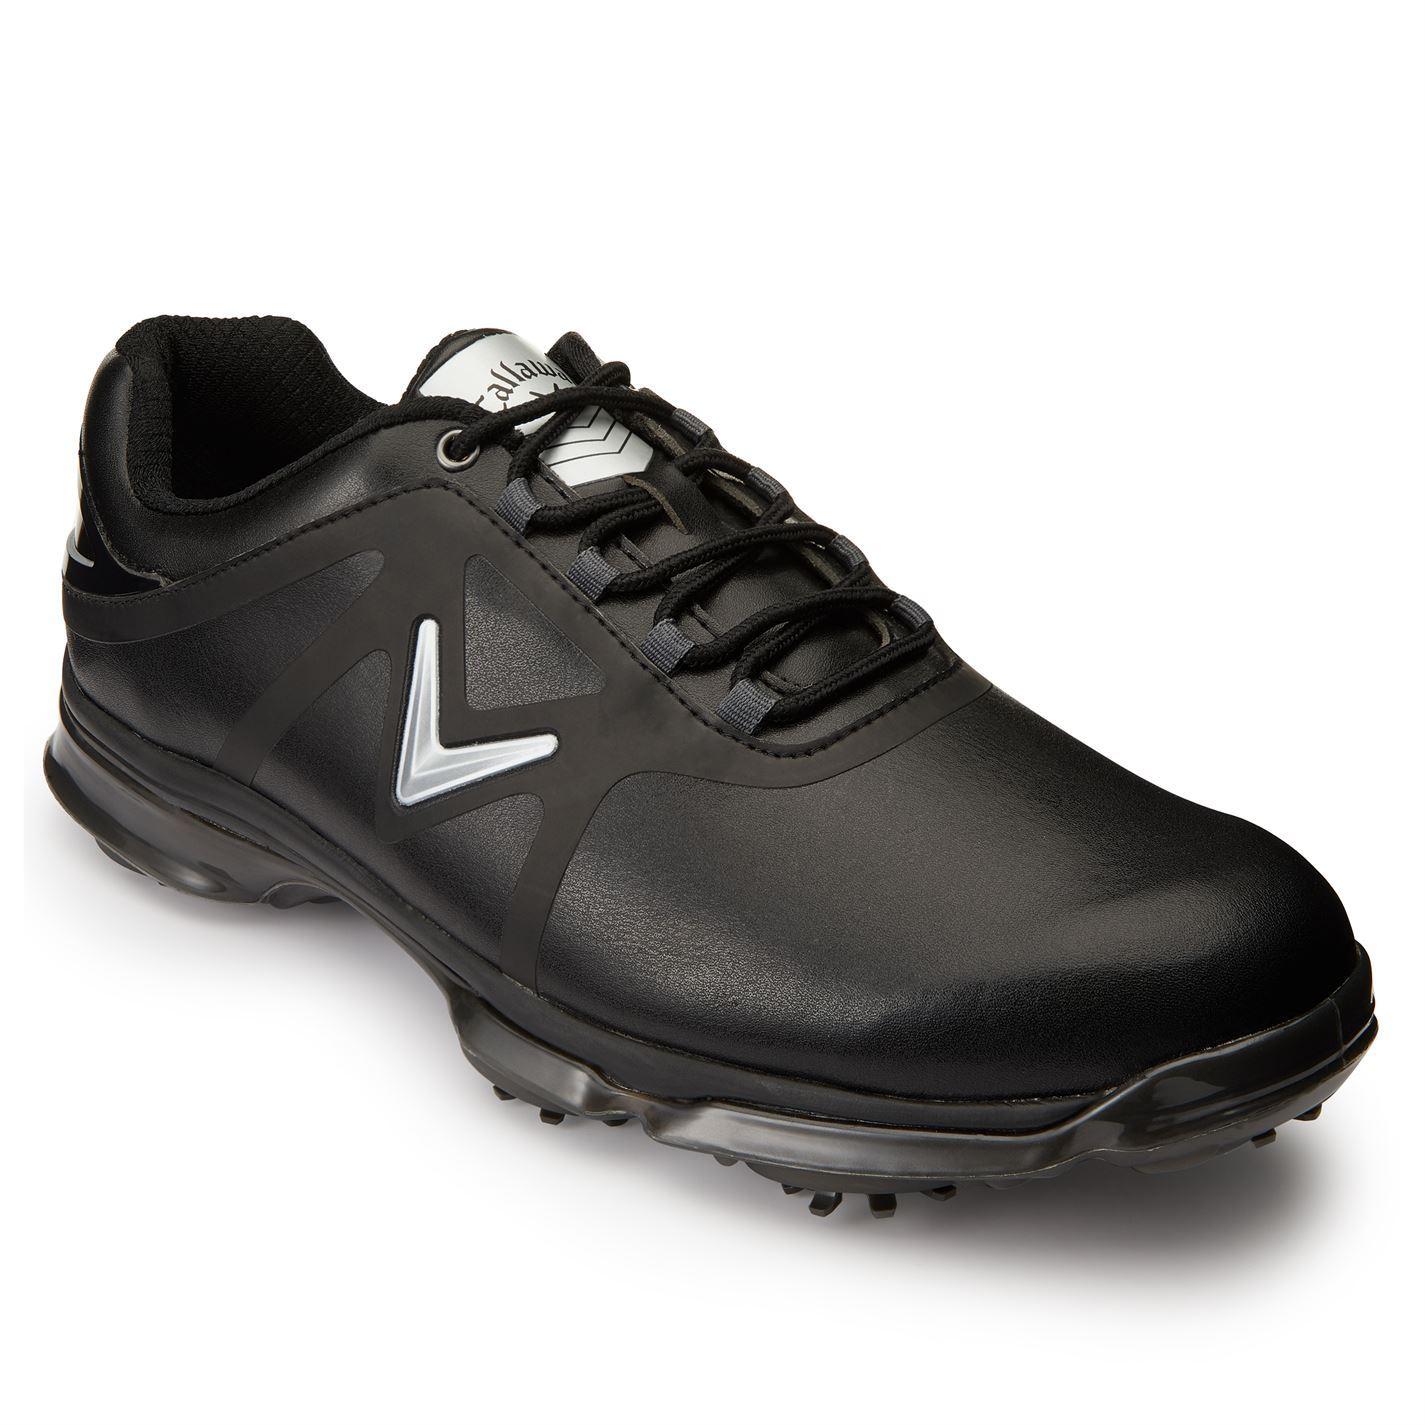 Callaway-XTT-Comfort-Spiked-Golf-Shoes-Mens-Spikes-Footwear thumbnail 7